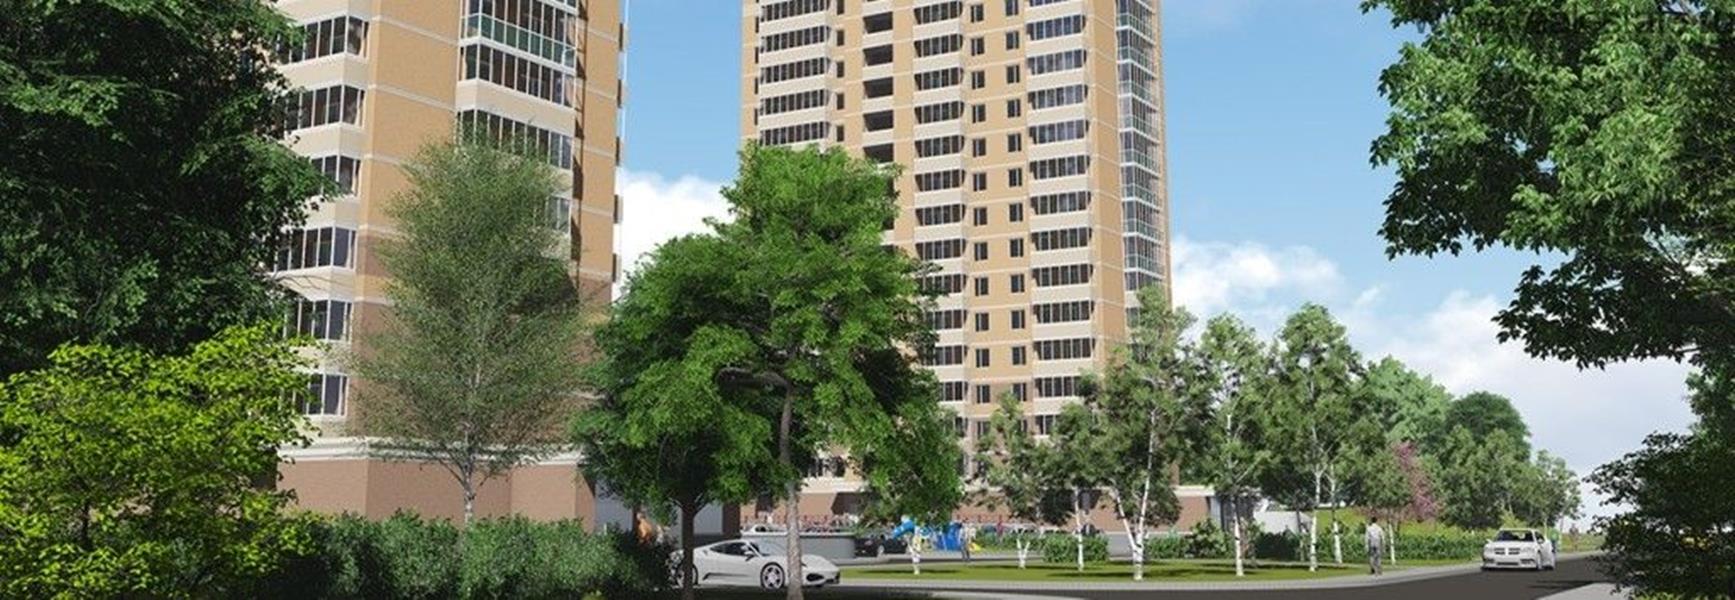 Новостройка: ЖК Мира Парк, Подмосковье, Серпухов - ID 16533